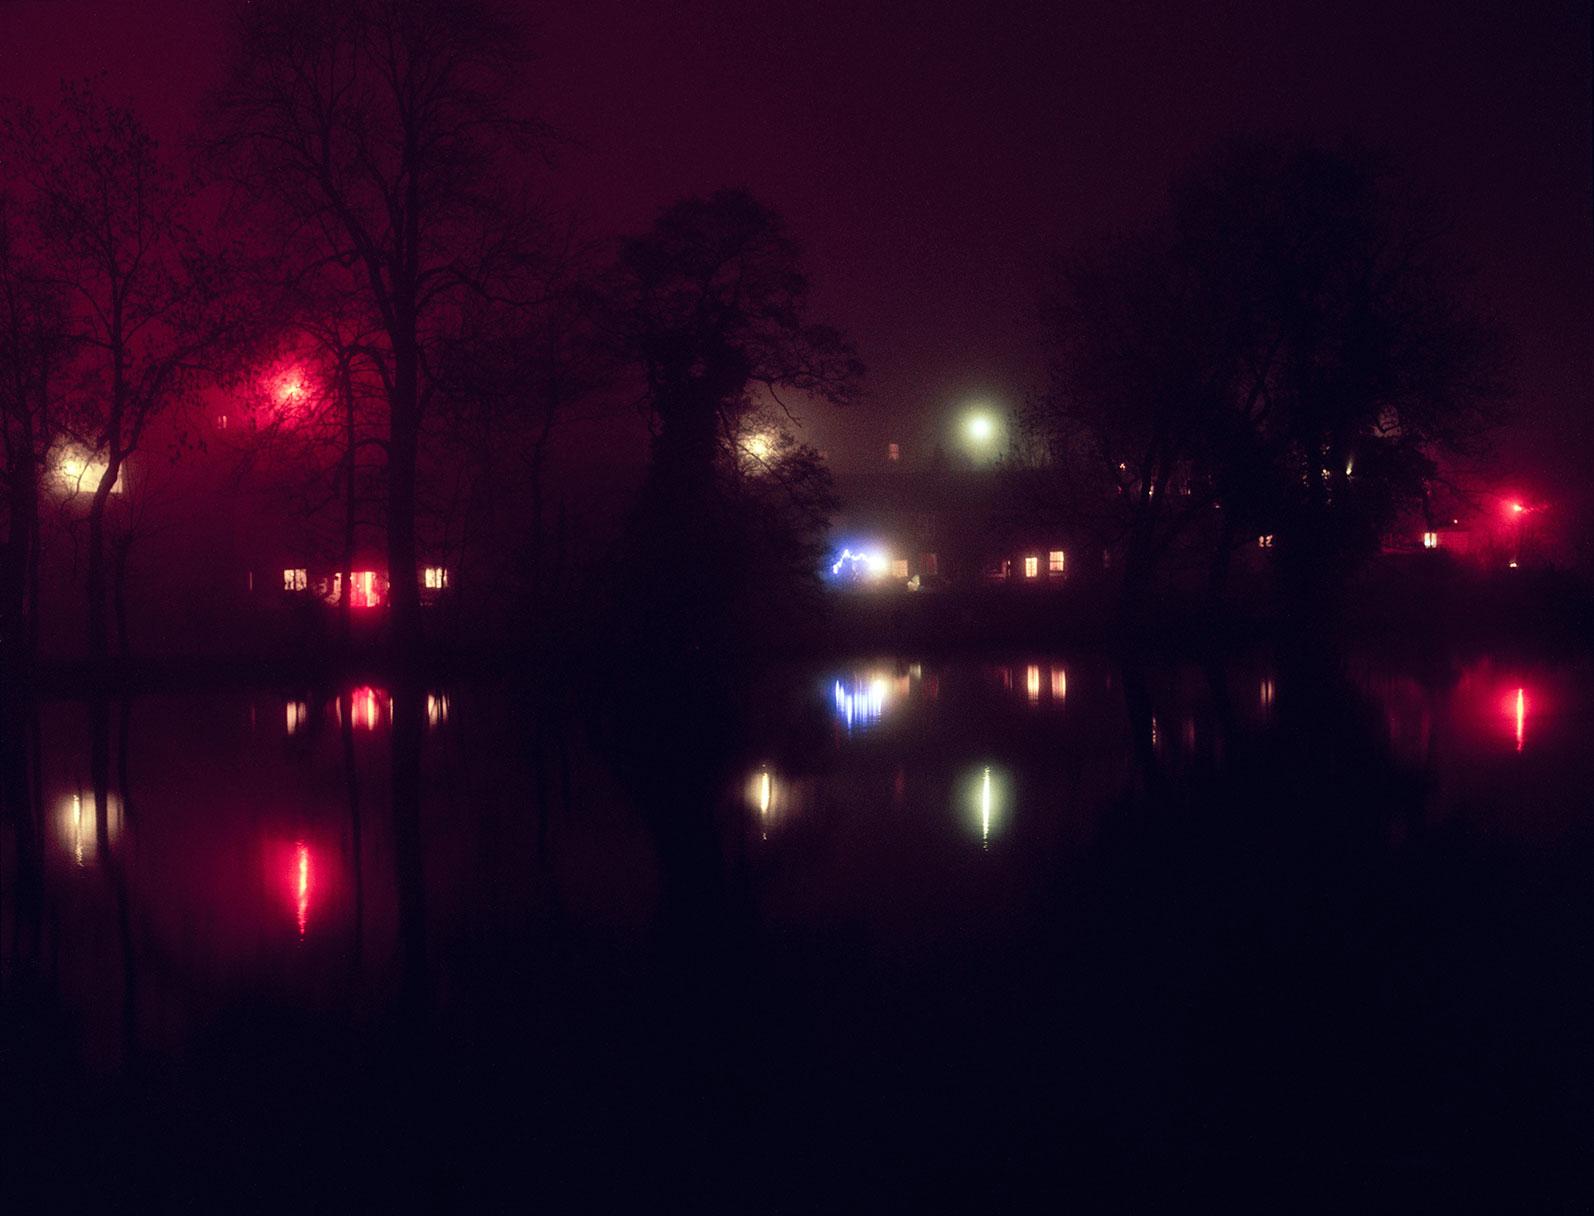 a misty night - f.